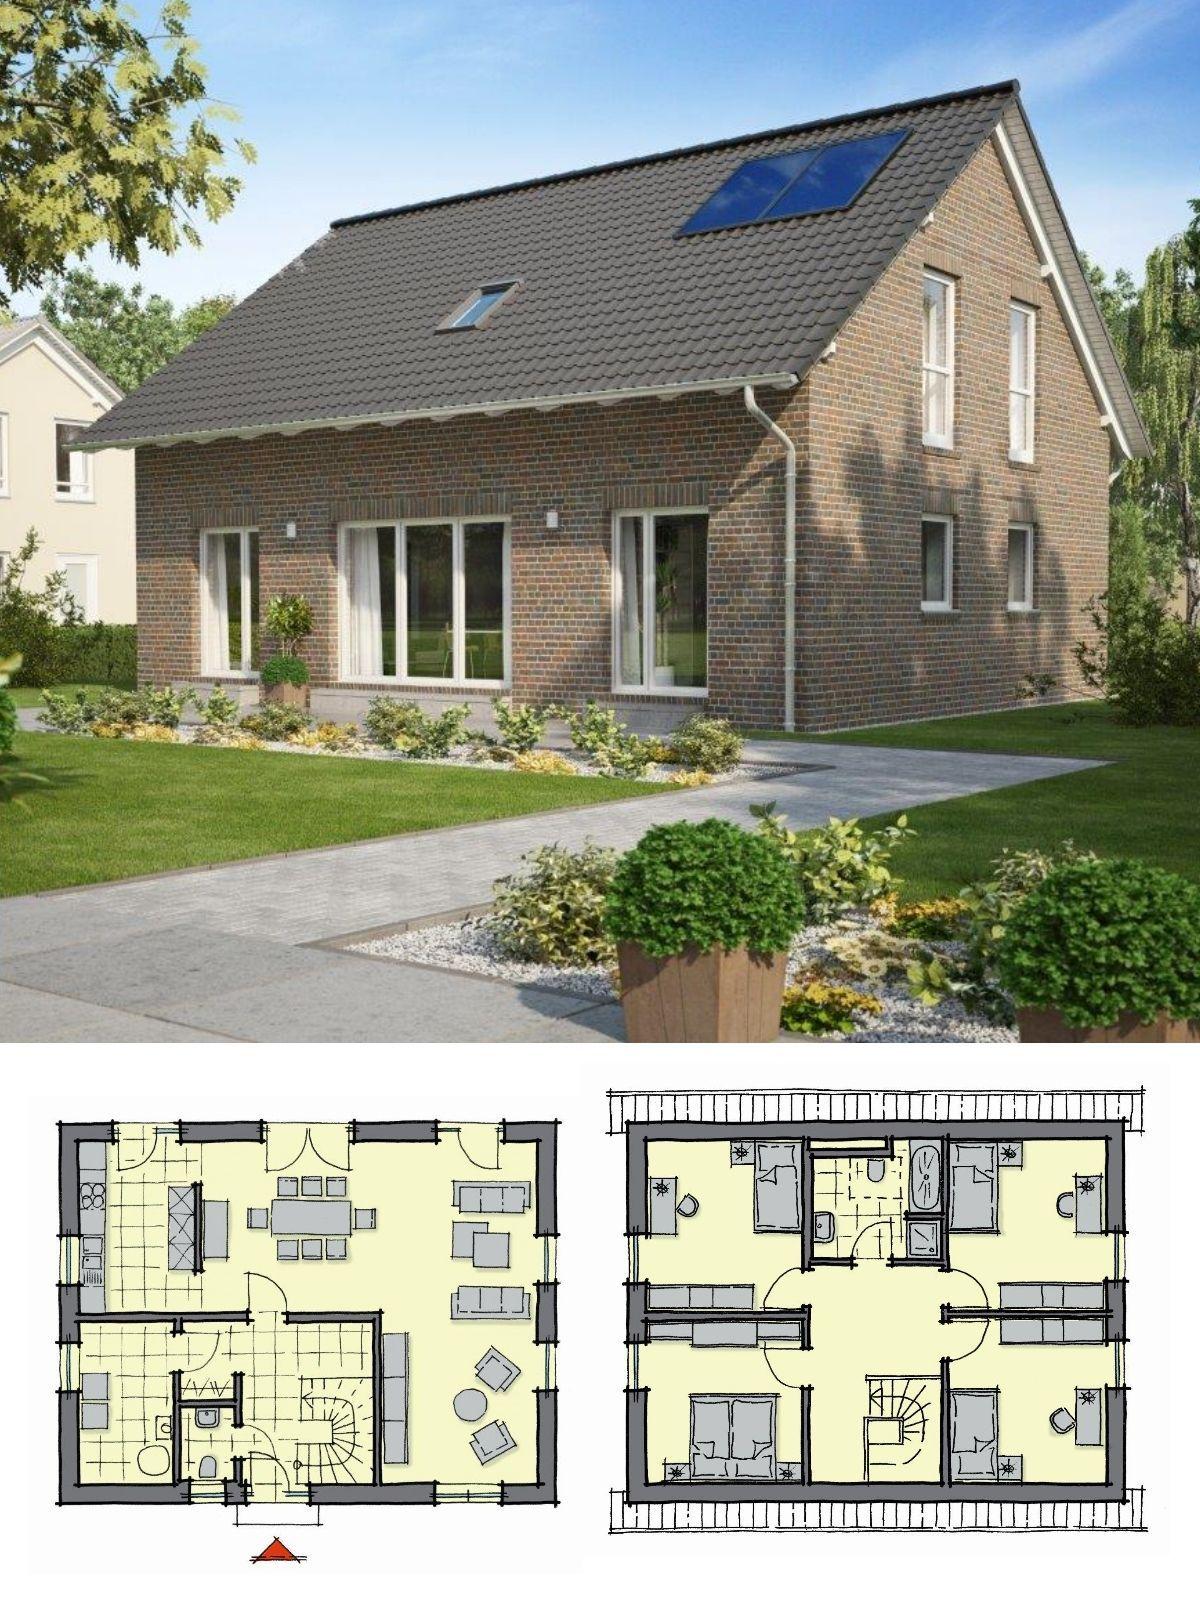 Satteldach Haus mit Klinker Fassade & 5 Zimmer Grundriss